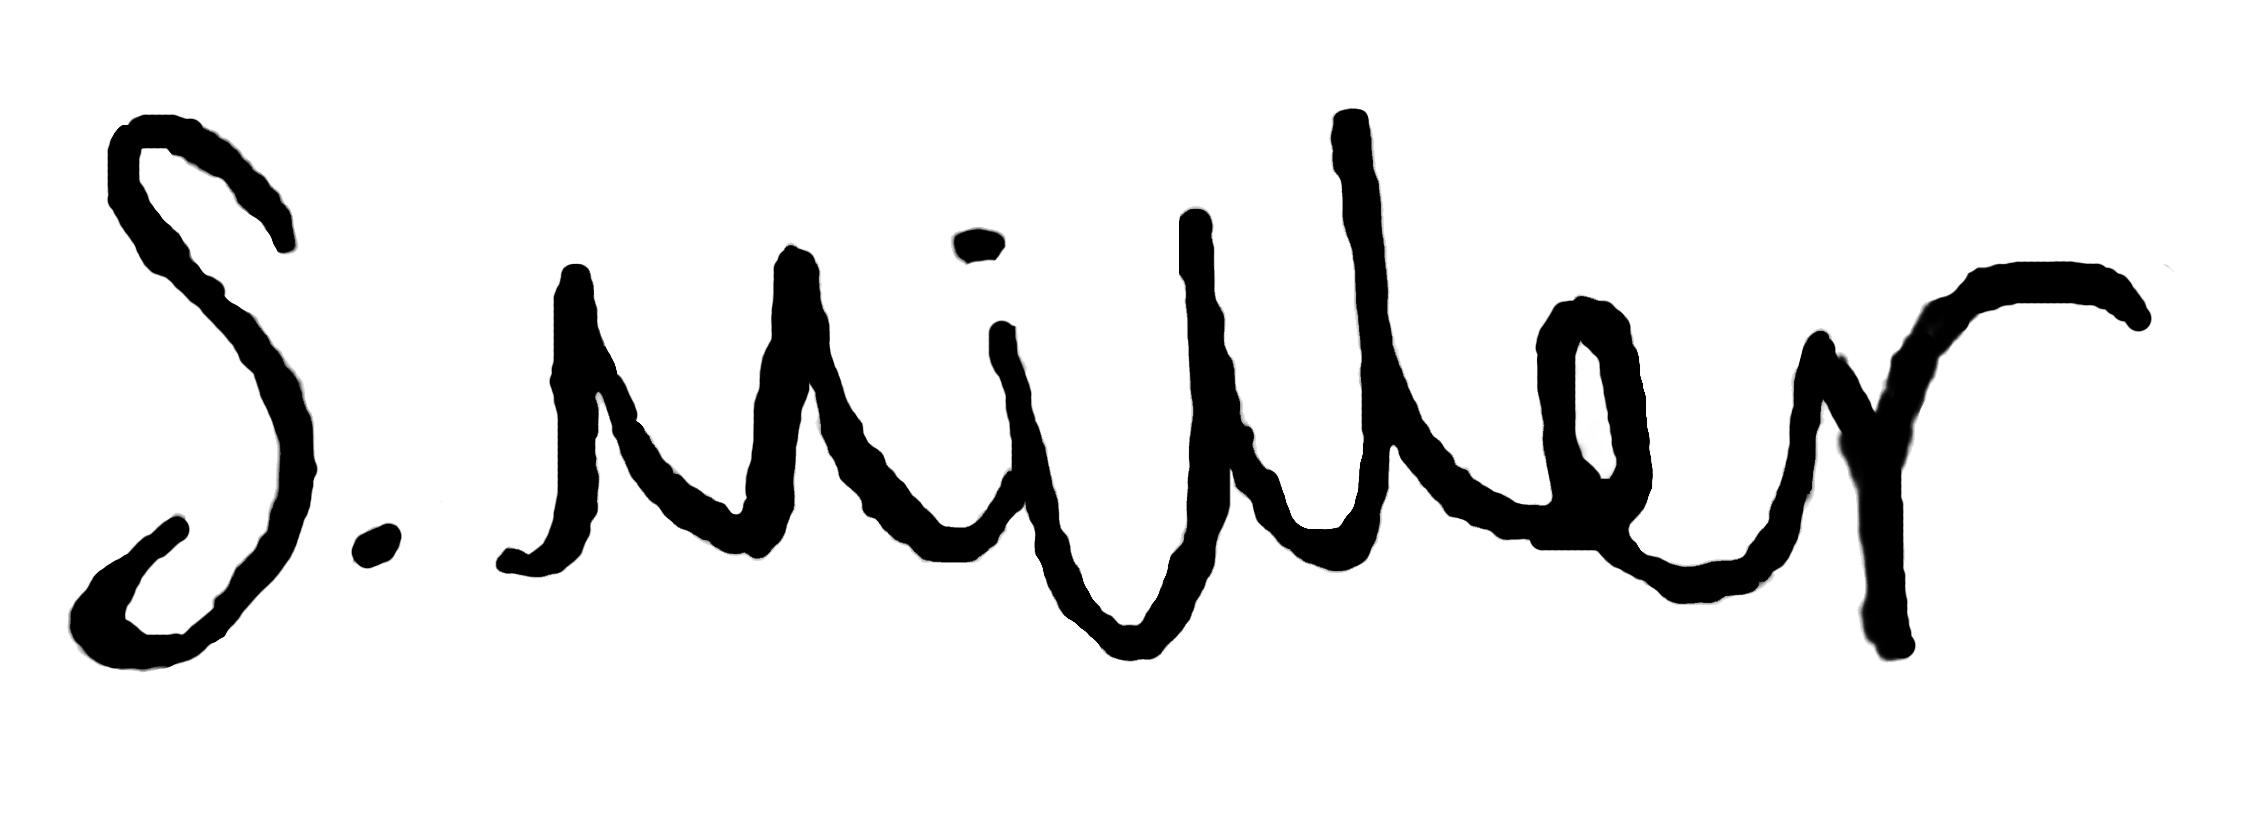 Sophie Miller's Signature